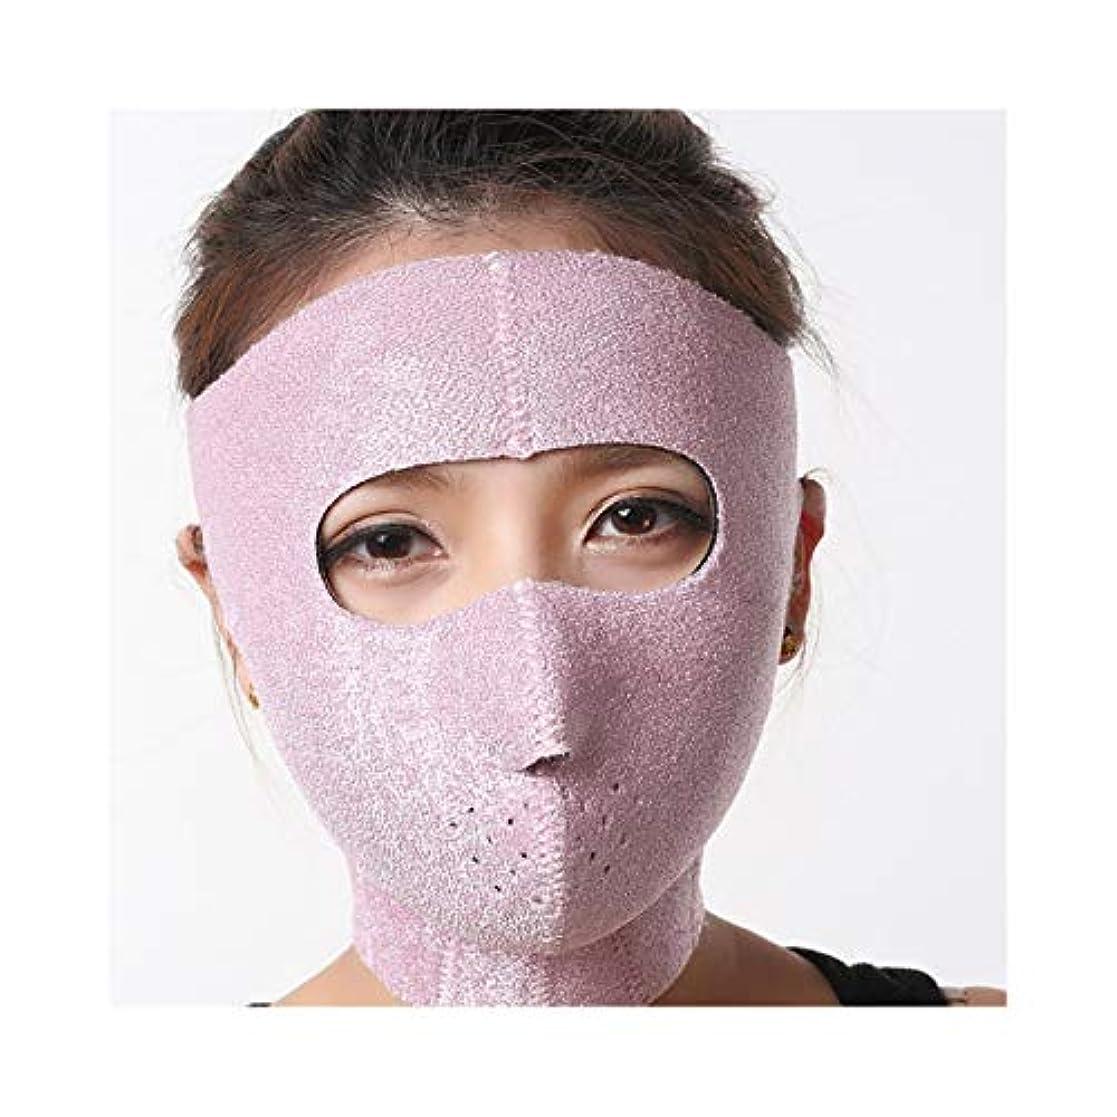 要求するより多い絶滅したGLJJQMY スリムベルトマスク薄い顔マスク睡眠薄い顔マスク薄い顔包帯薄い顔アーティファクト薄い顔薄い顔薄い顔小さいV顔睡眠薄い顔ベルト 顔用整形マスク